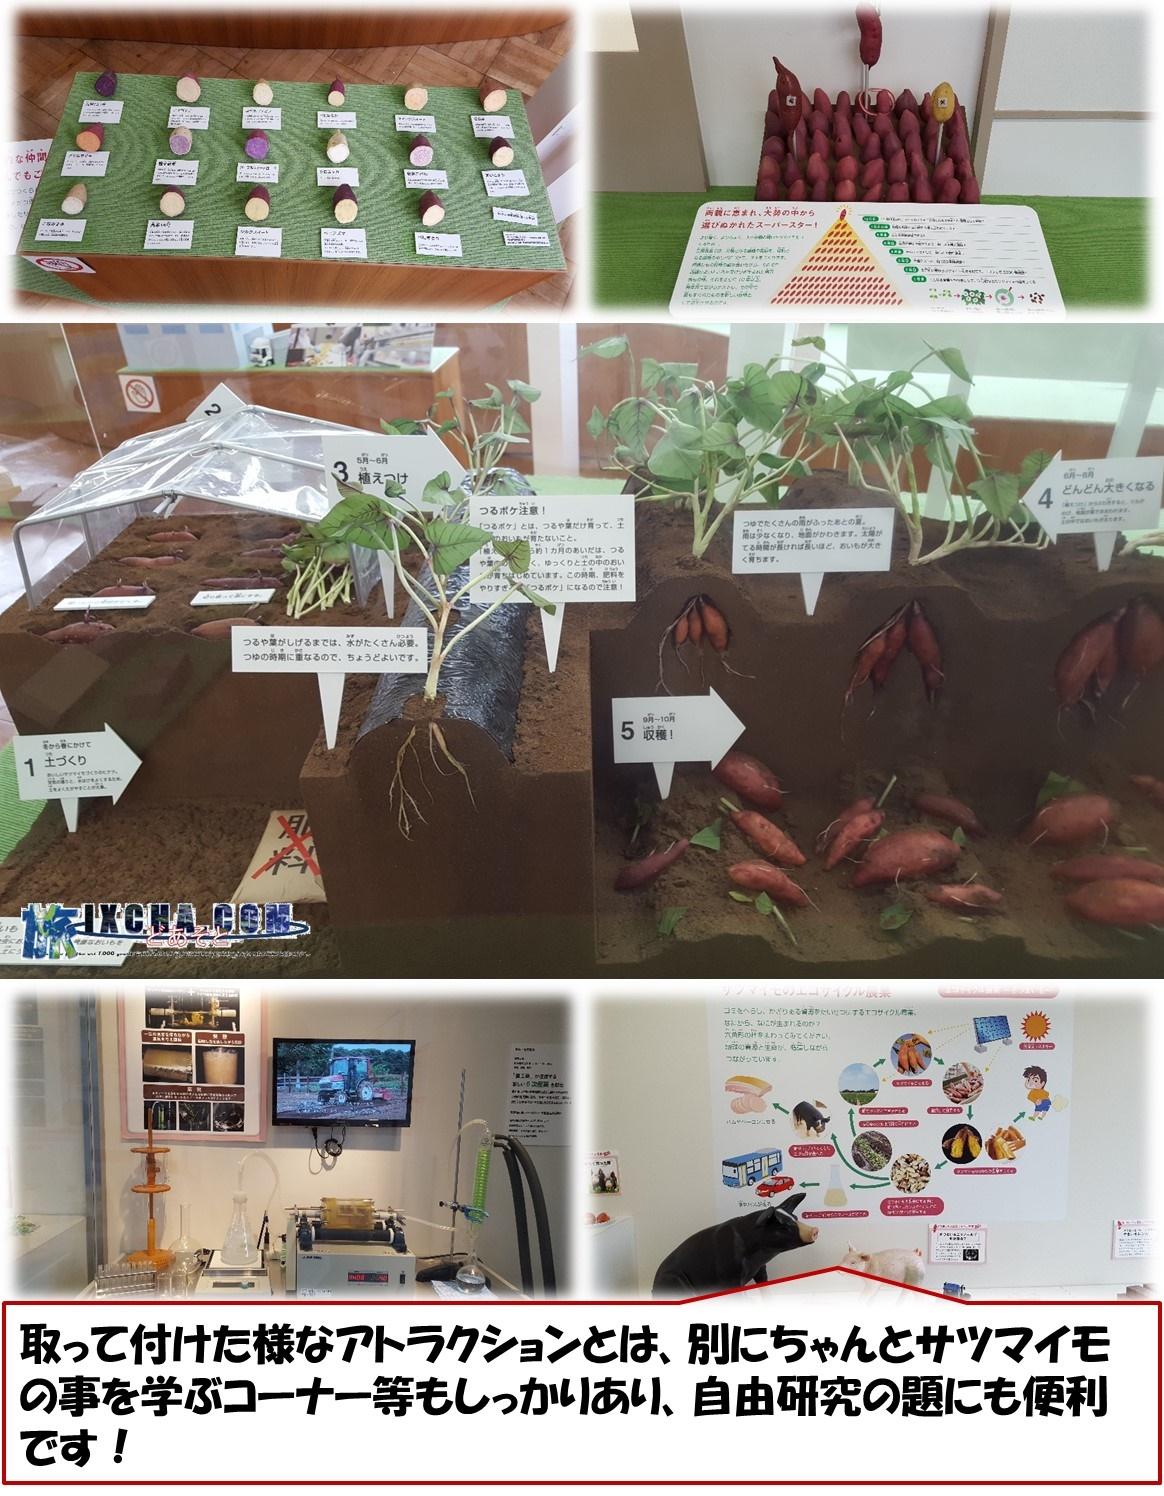 取って付けた様なアトラクションとは、別にちゃんとサツマイモの事を学ぶコーナー等もしっかりあり、自由研究の題にも便利です!